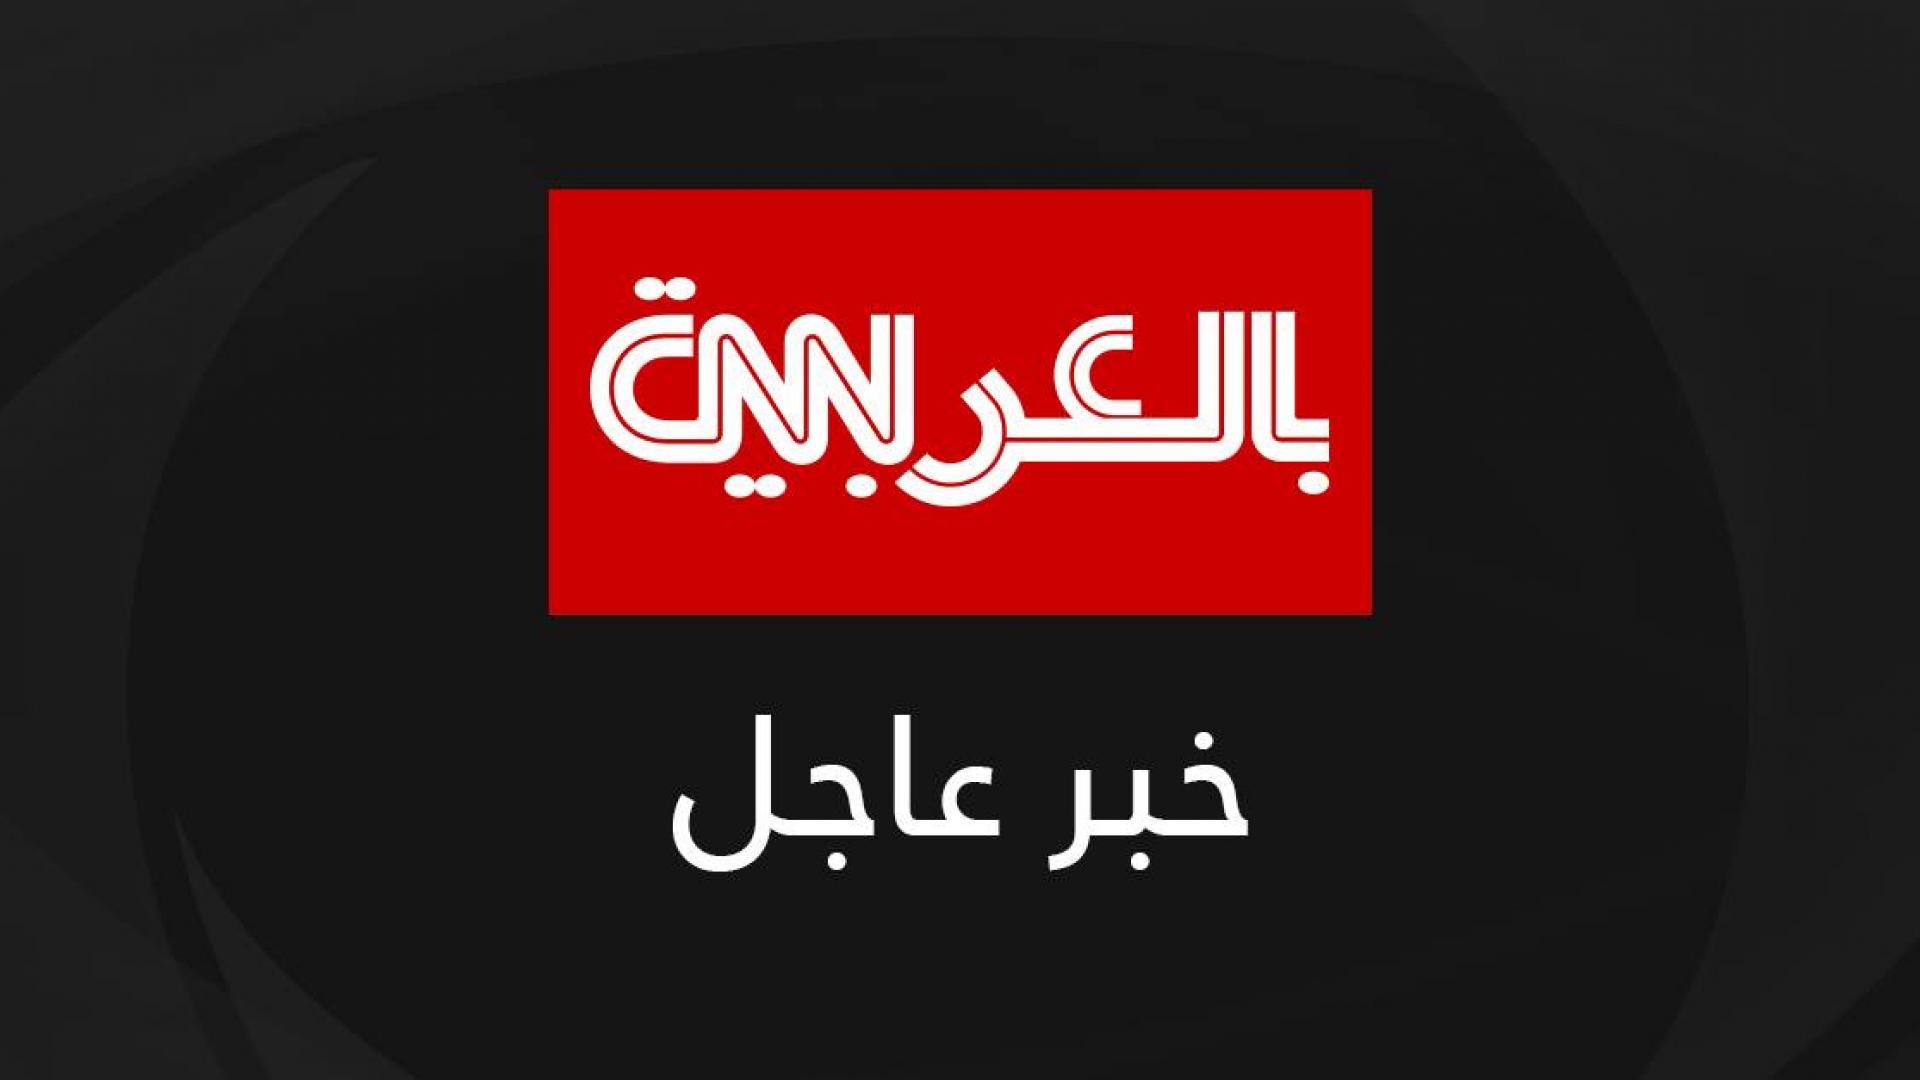 غنيمات: العلاقات بين الأردن والعراق ممتازة ولا أزمة بين البلدين